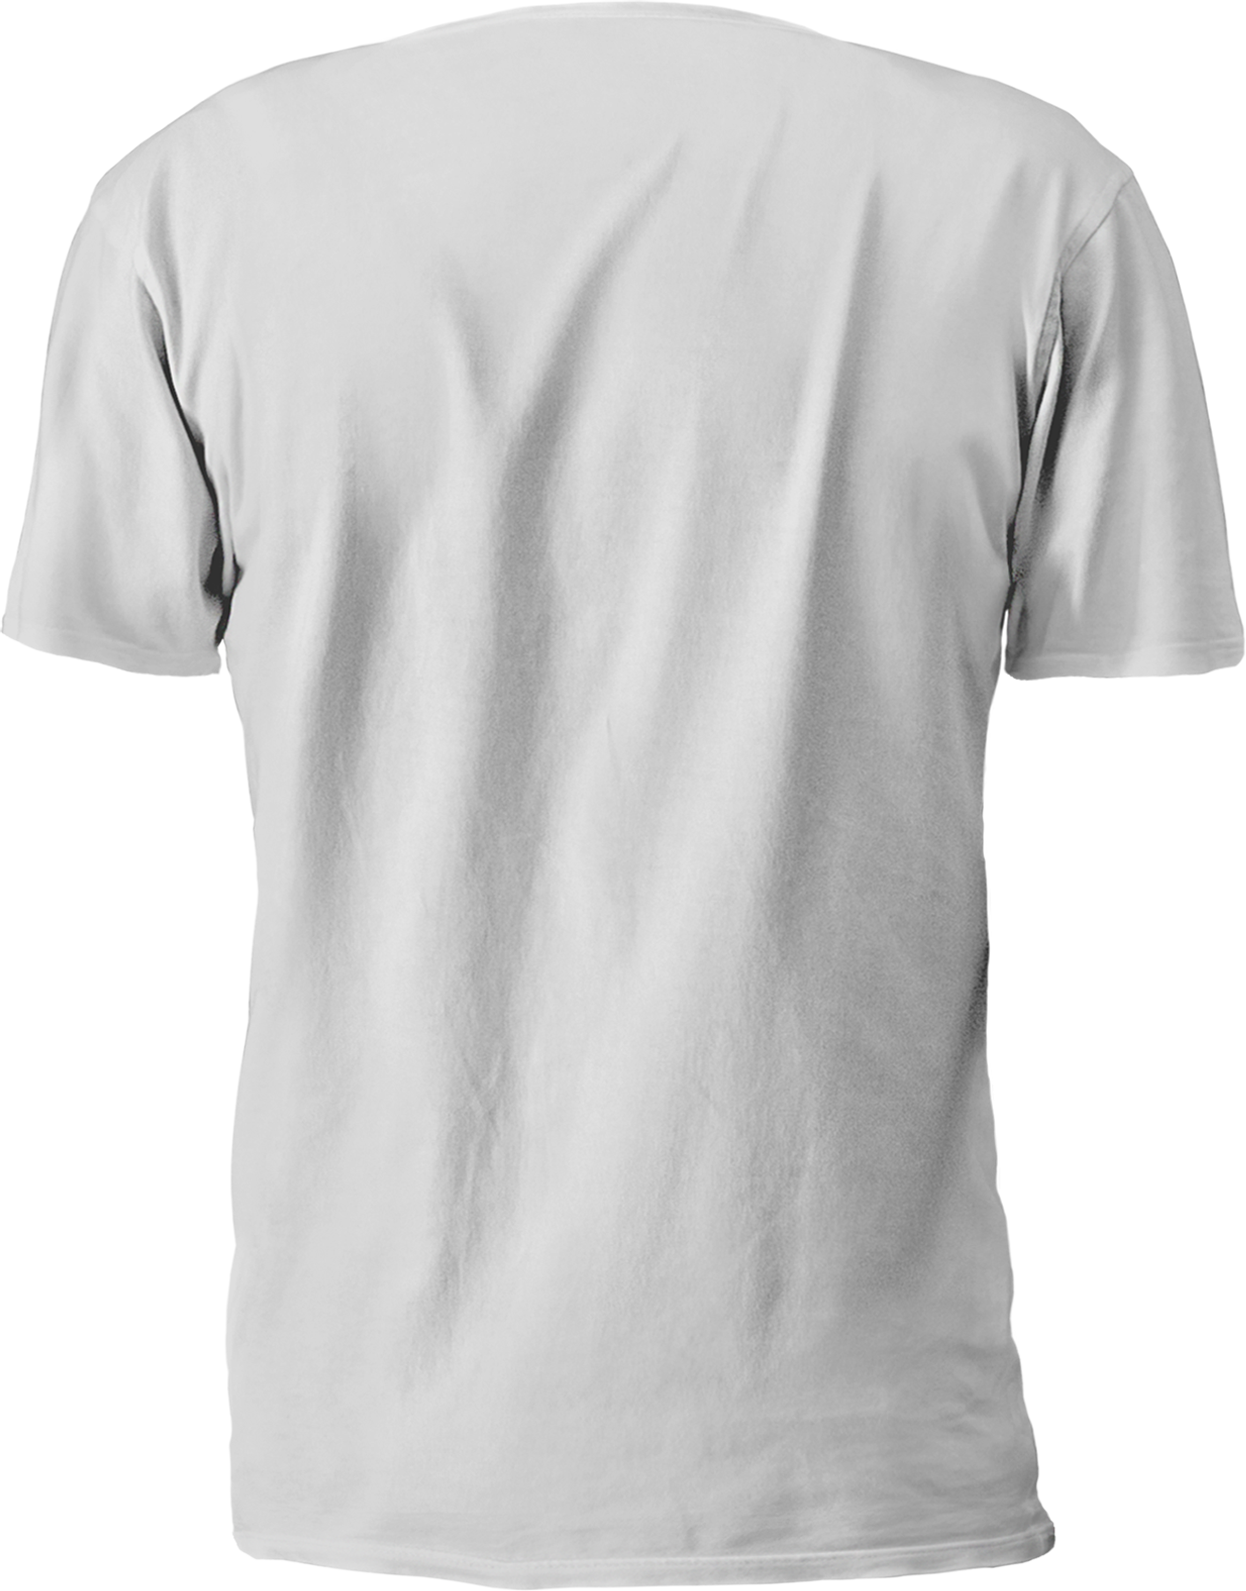 T shirt with flex print tshirt printing for White t shirt printing